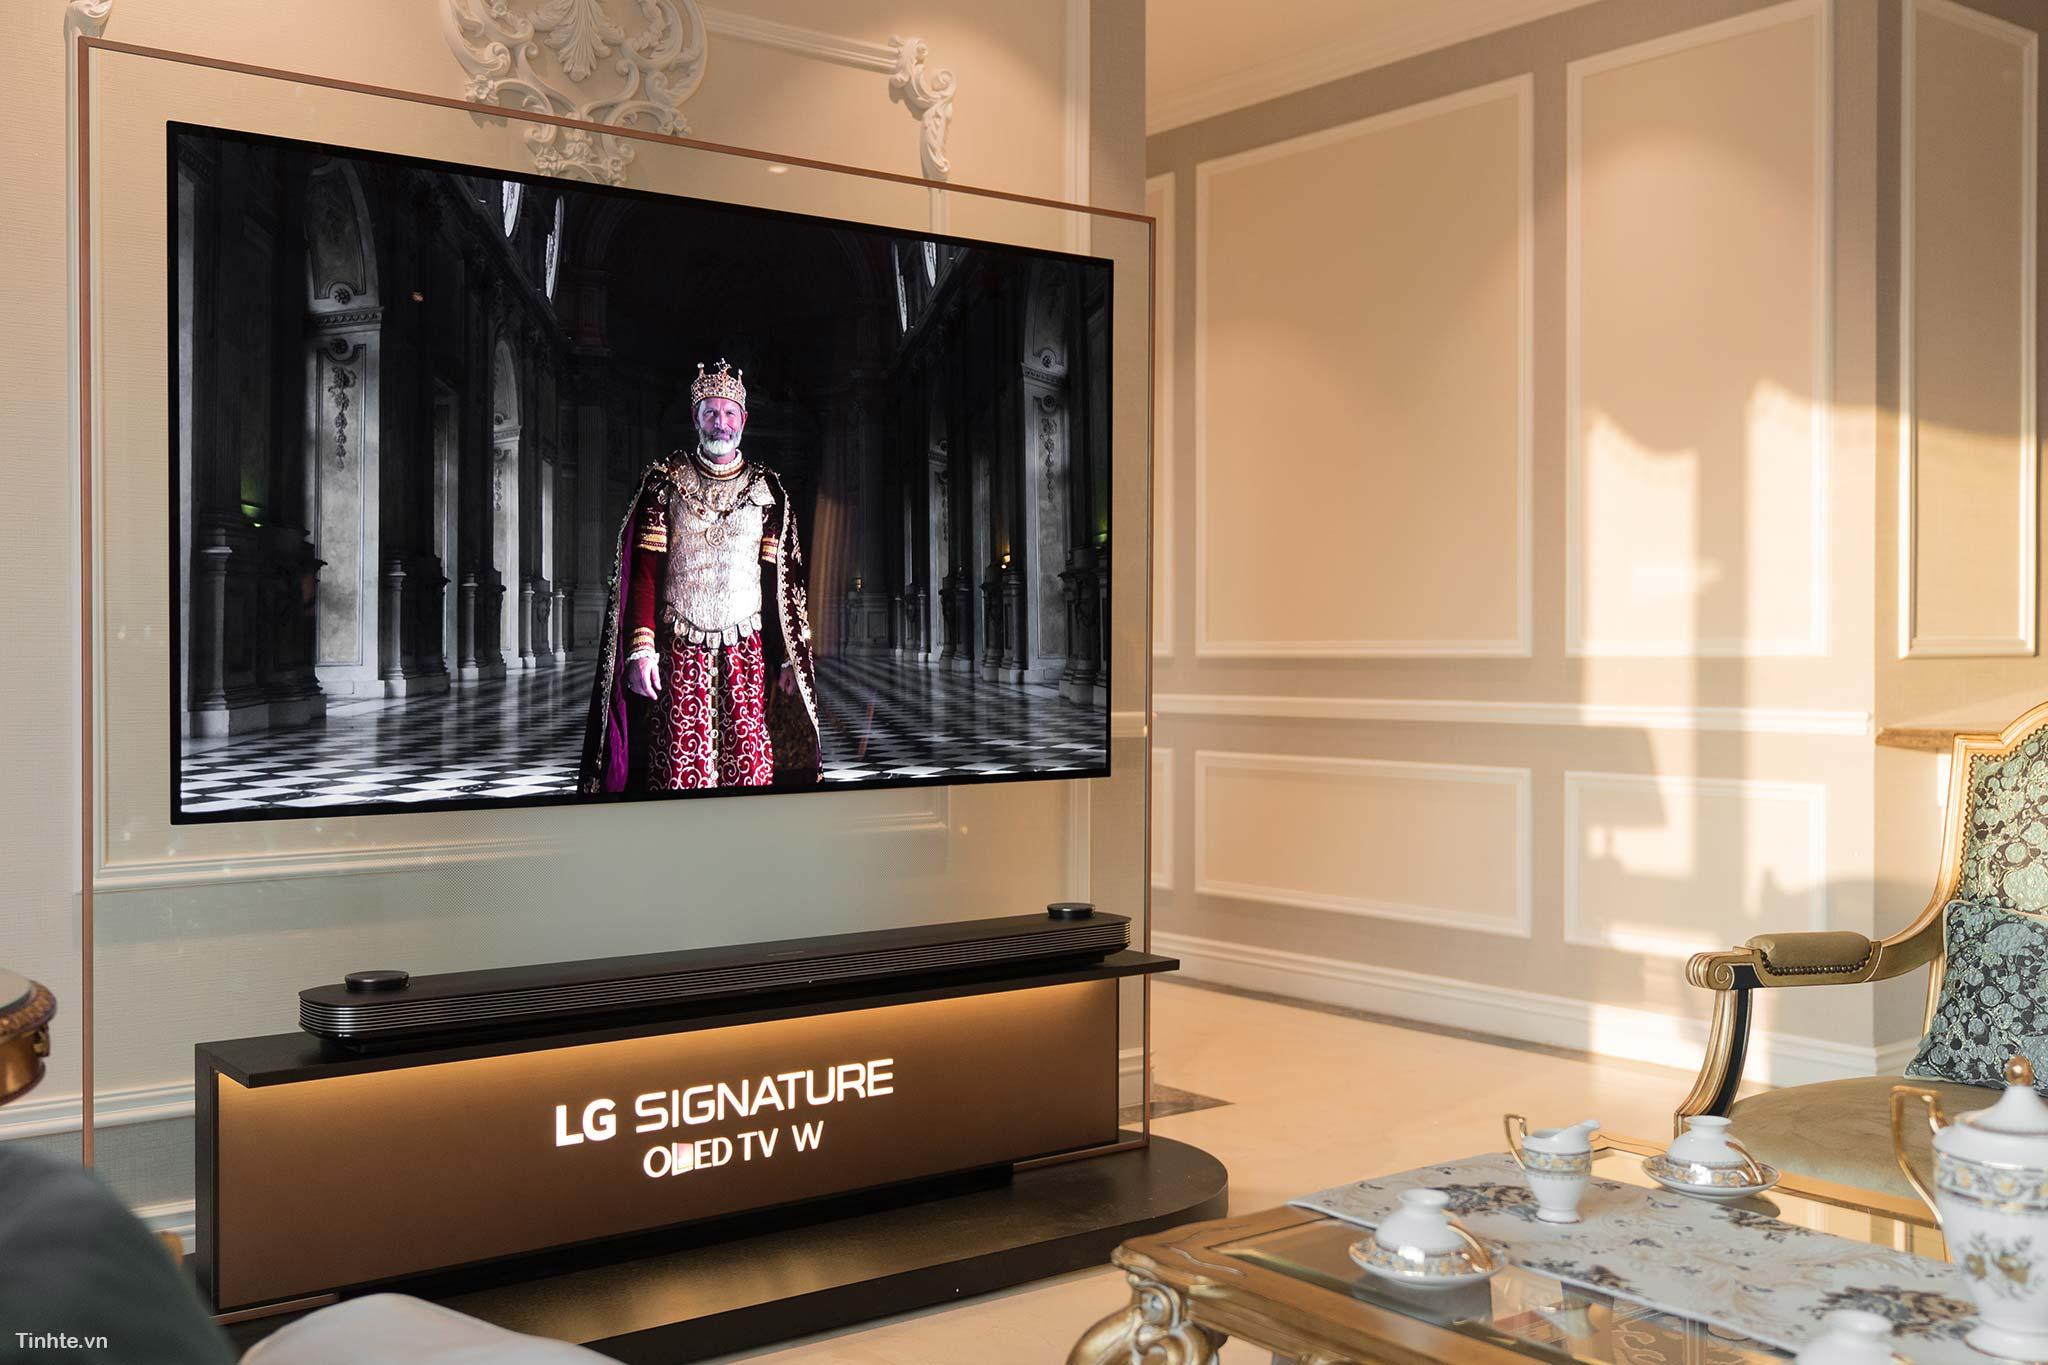 Lại nói về công nghệ TV OLED, thời gian chứng minh rằng LG đã đúng